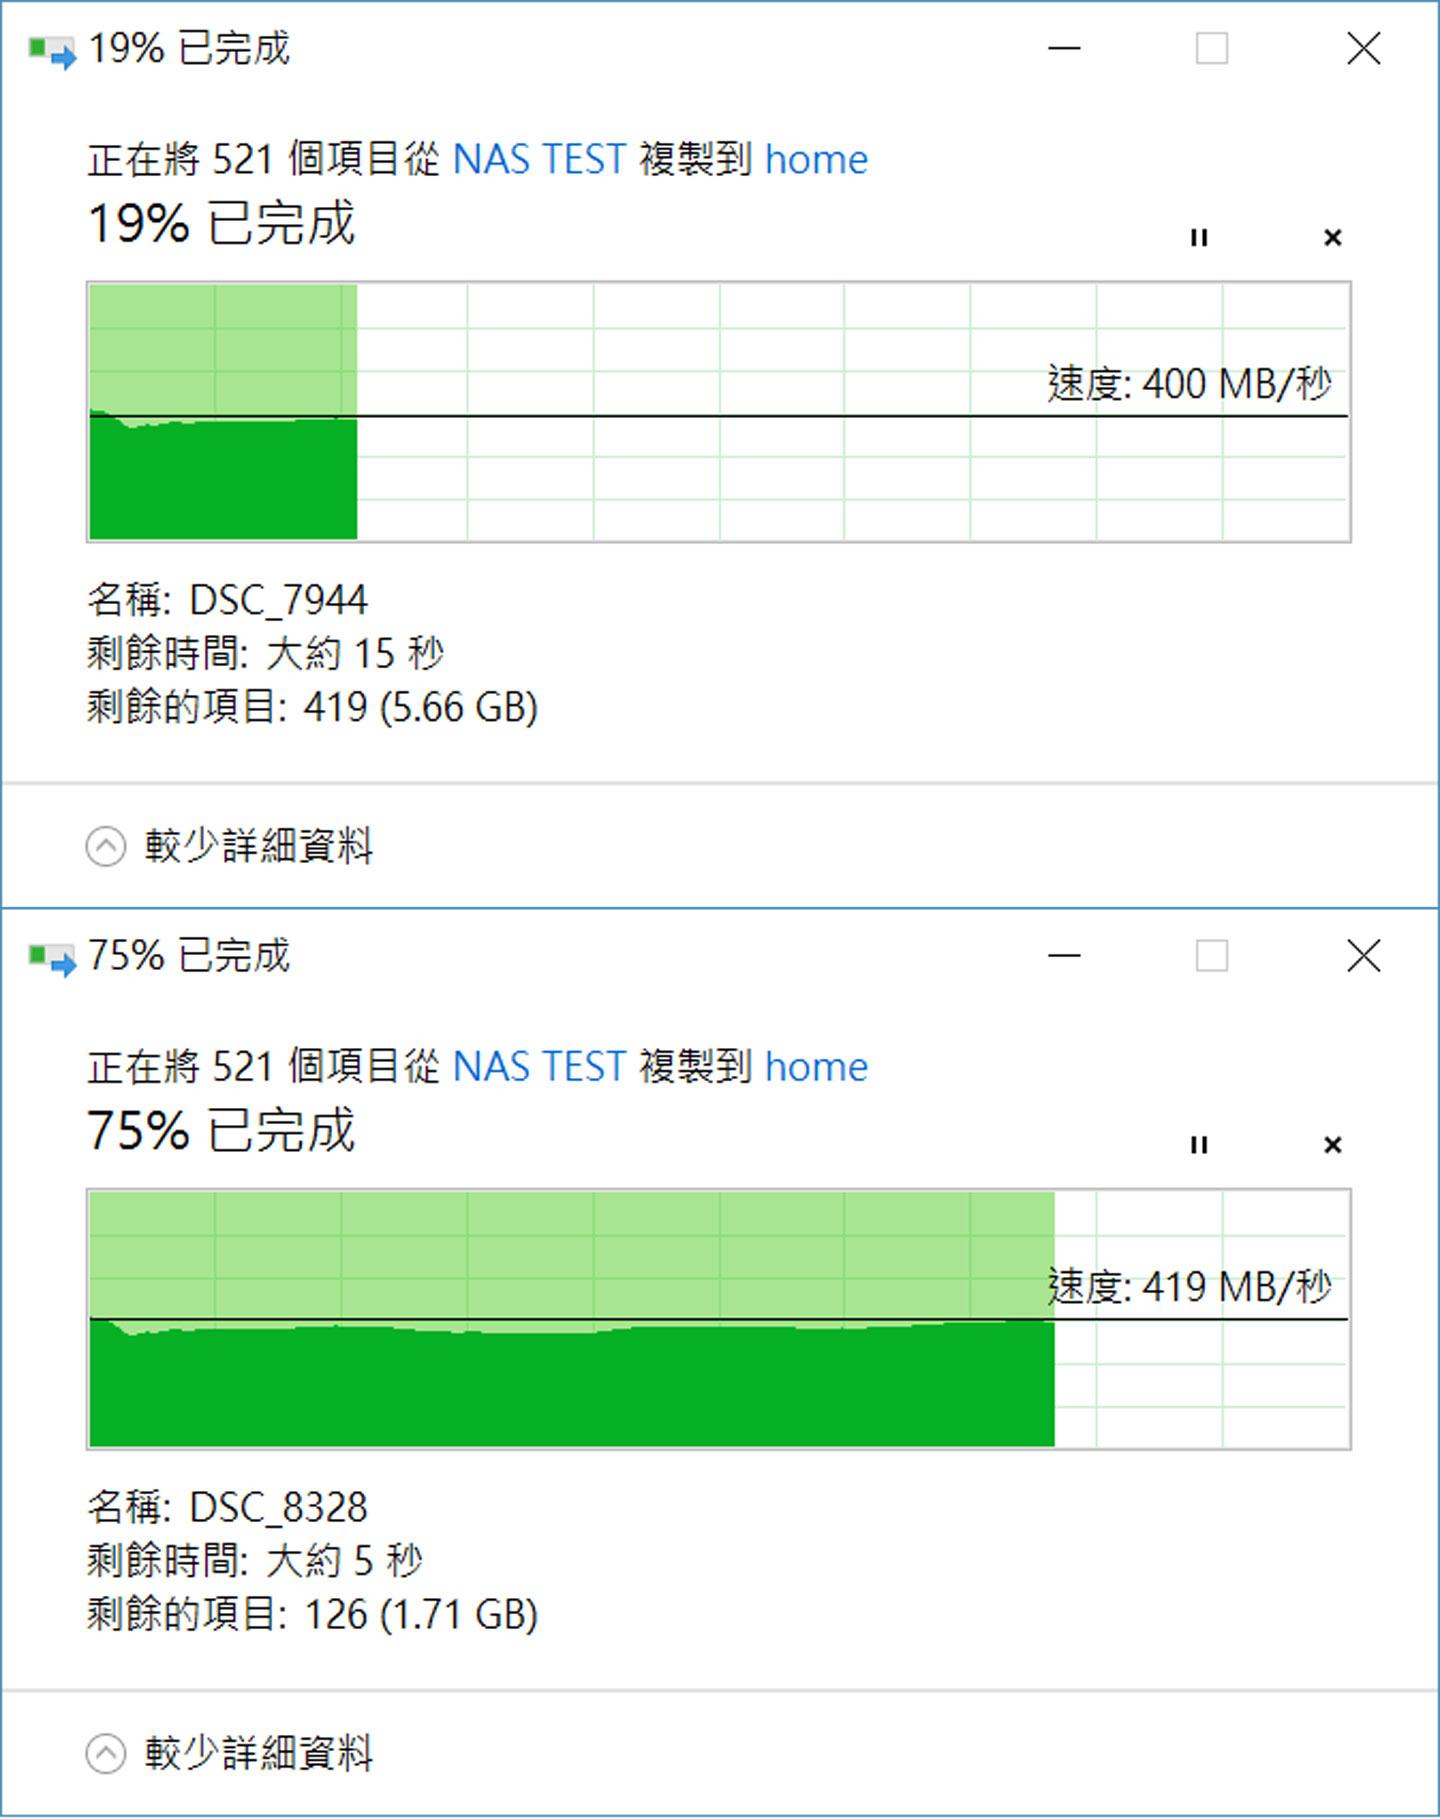 接下來我們以相同環境下,傳輸 500 個檔案,總計也是 7GB 左右的資料夾至 NAS,可看到平均速度也在 400 MB/s 以上,相較於一般 HDD 90 MB/s 左右的速度也快了 4倍以上。